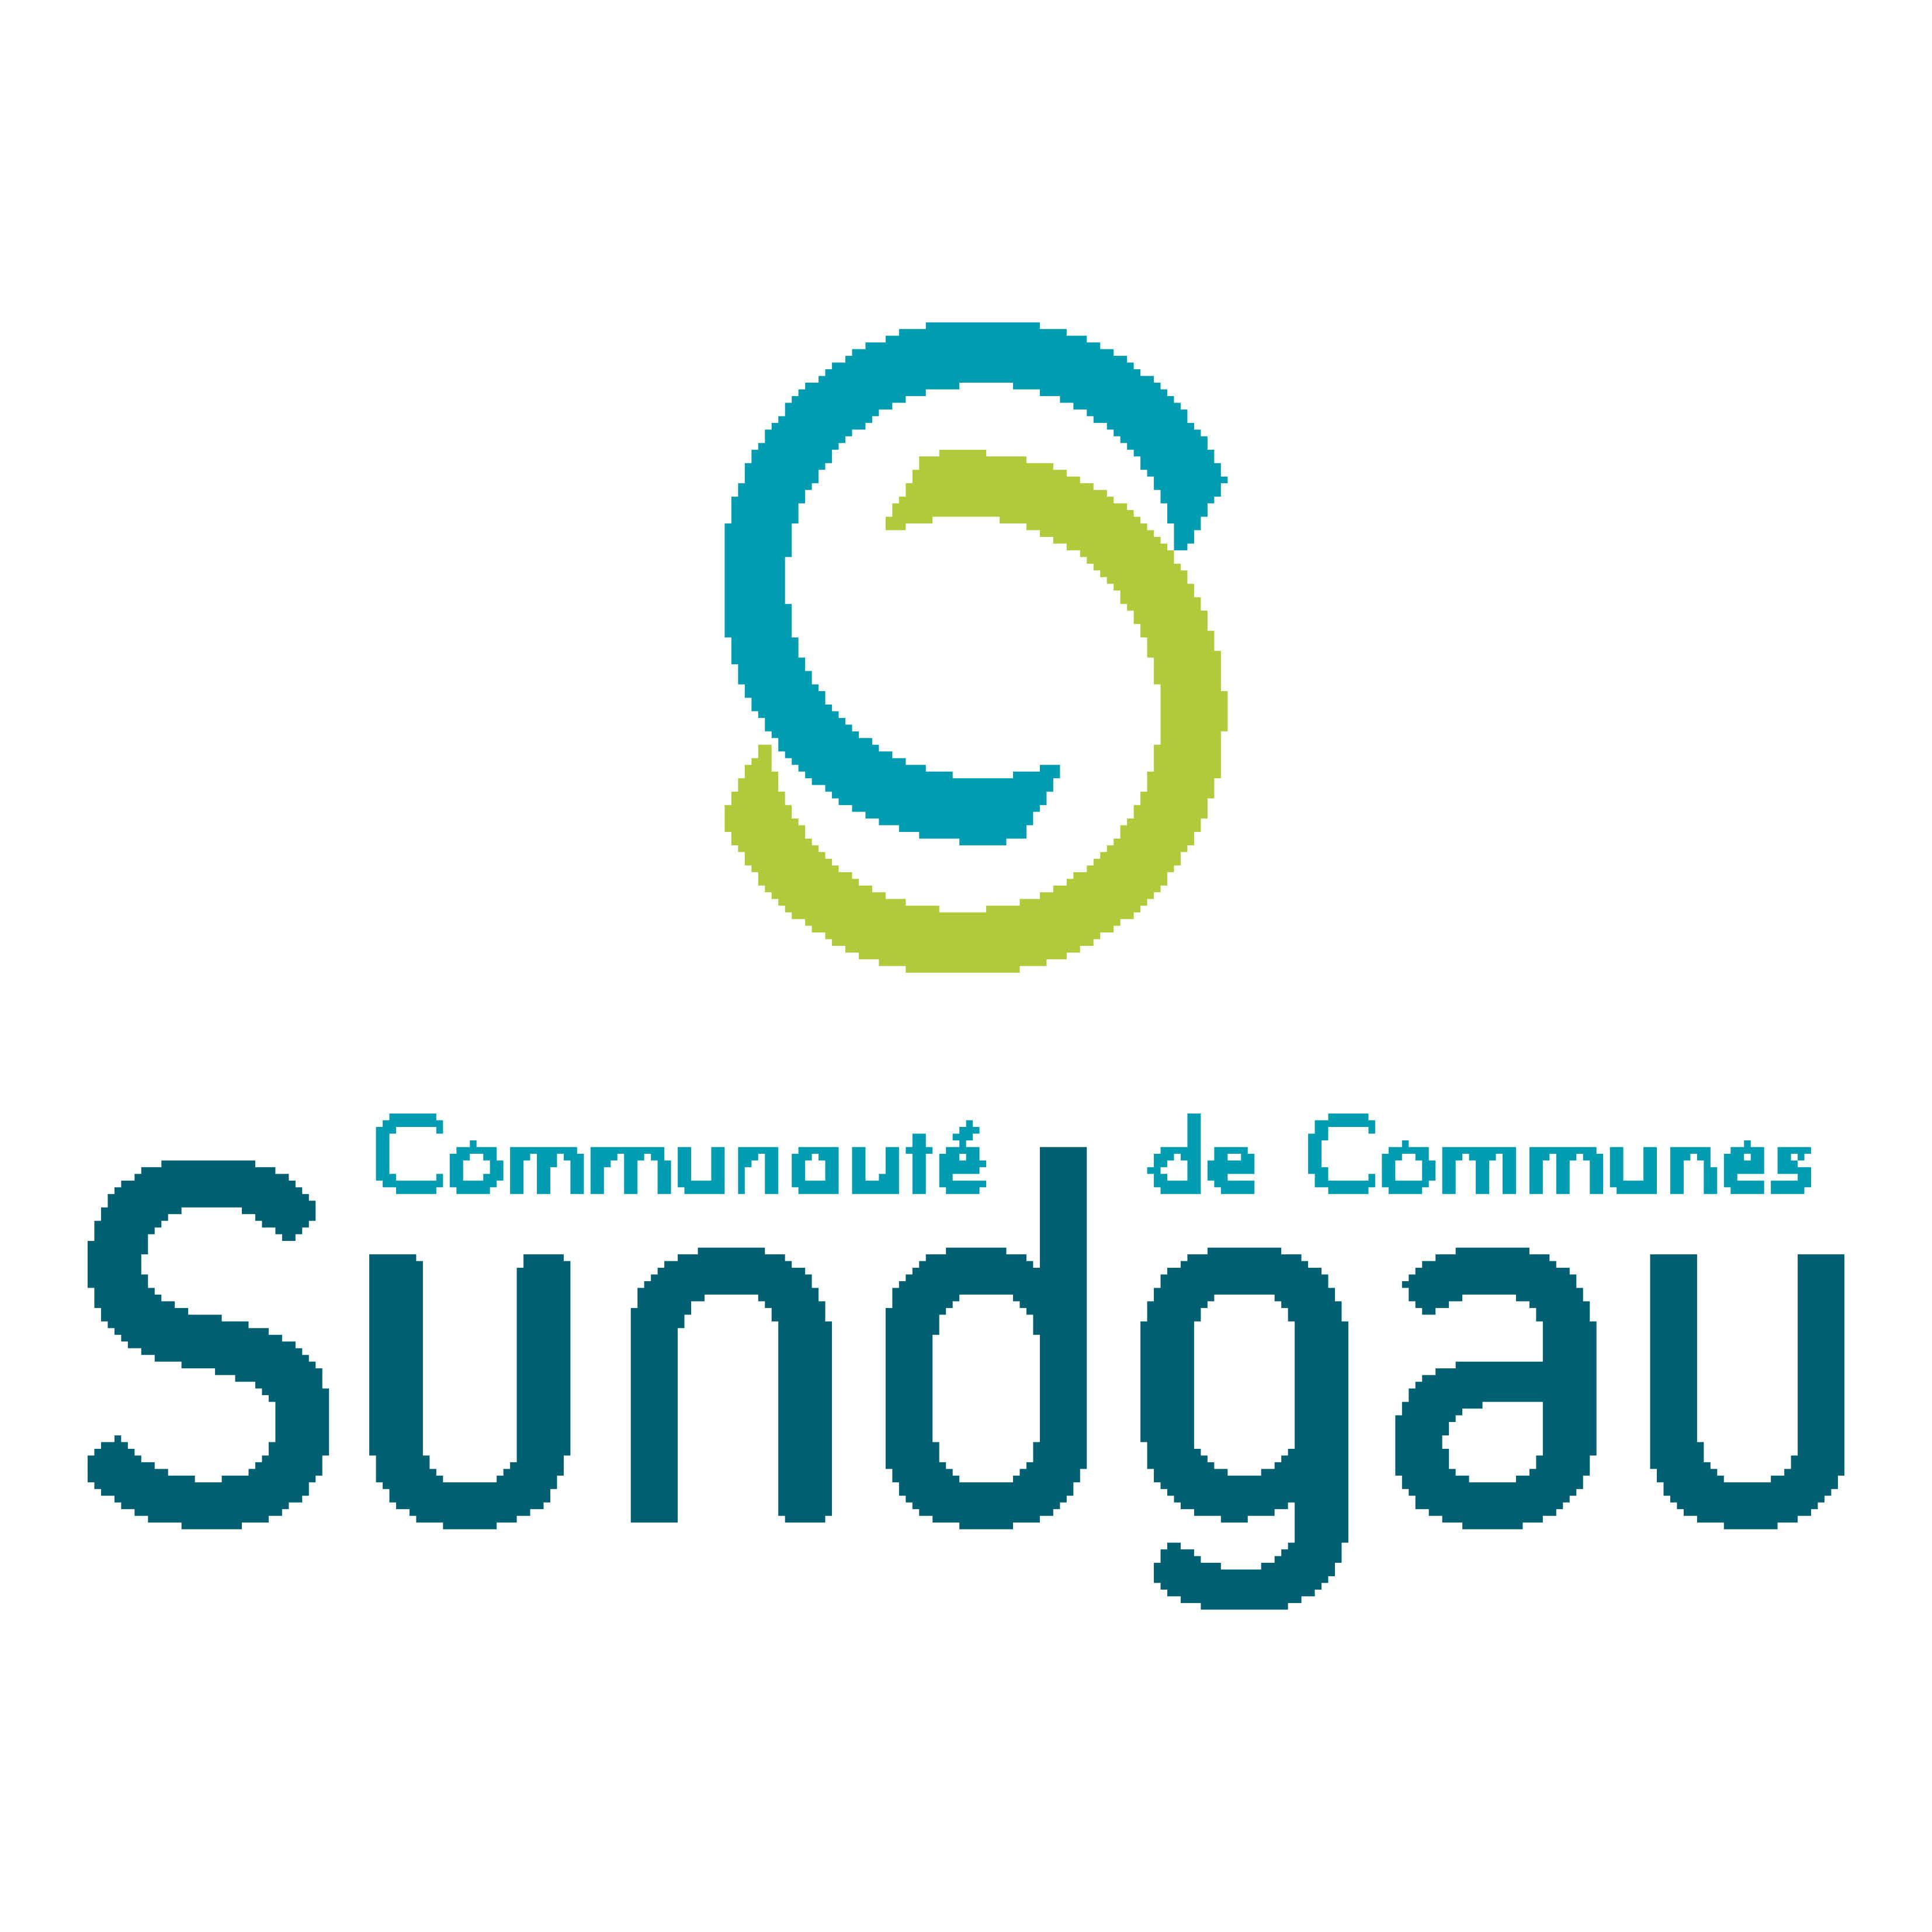 Communauté de Communes du Sundgau